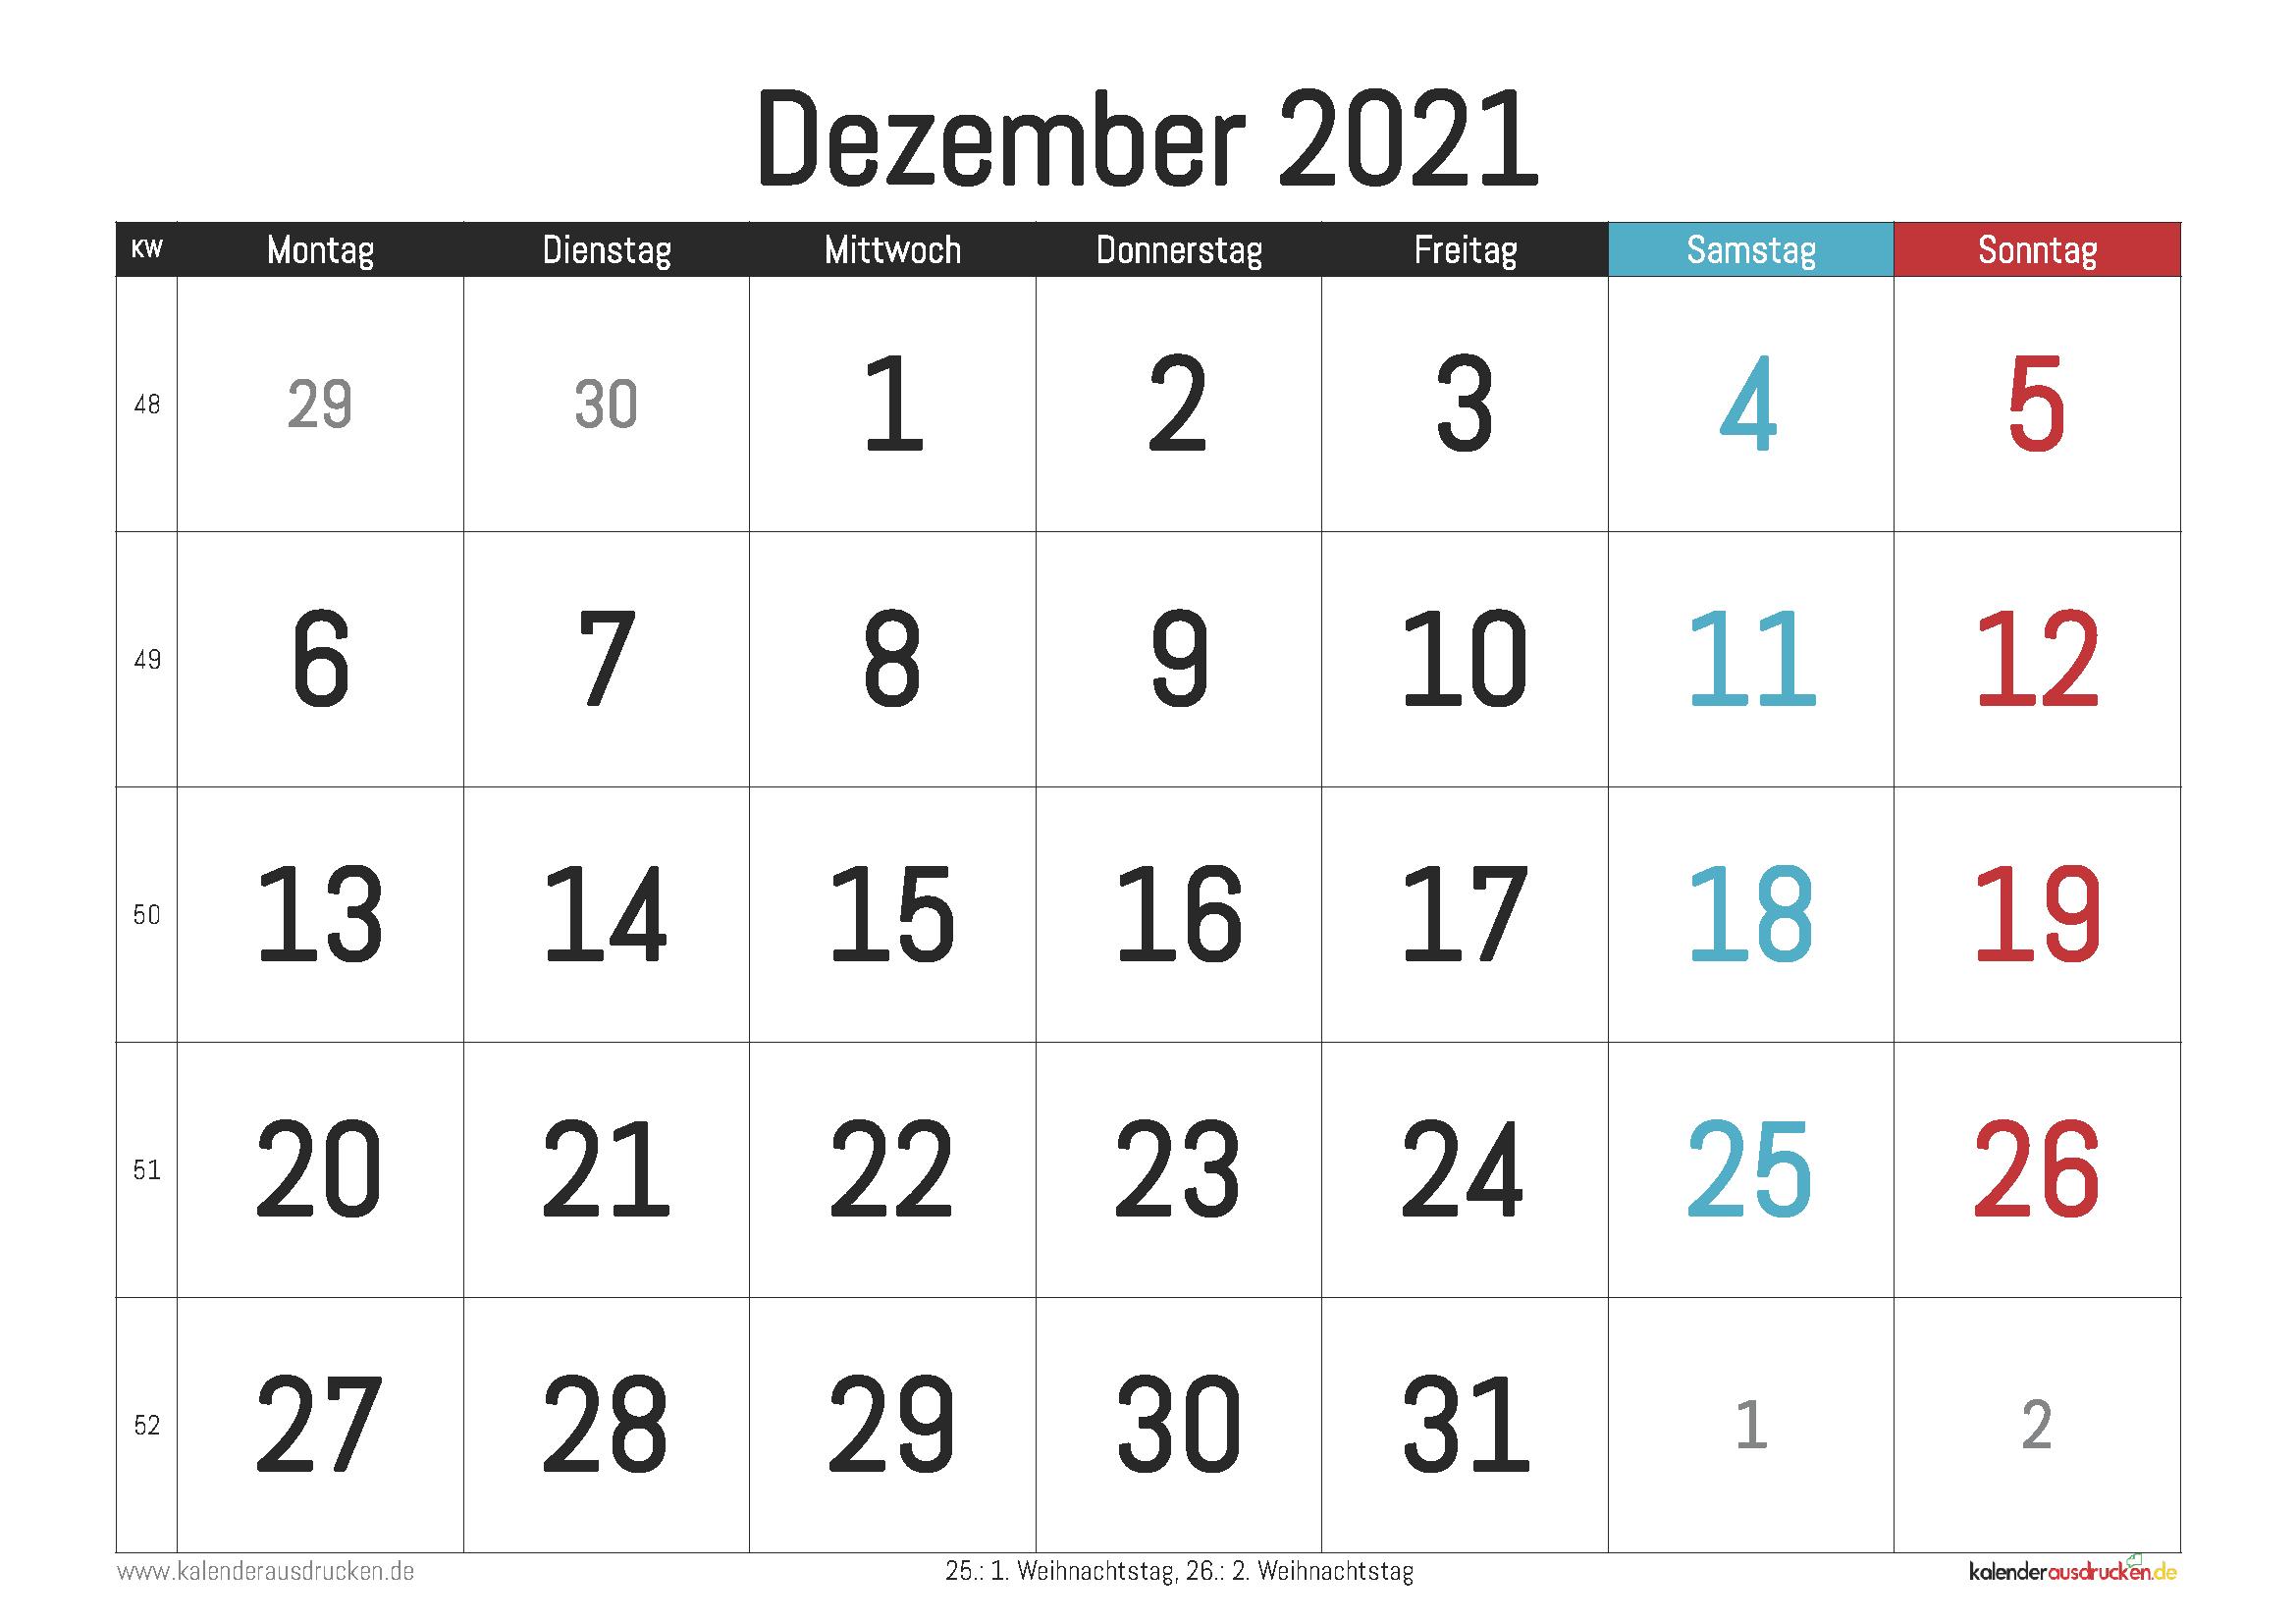 Kalender Dezember 2021 Zum Ausdrucken - Kalender 2021 Zum